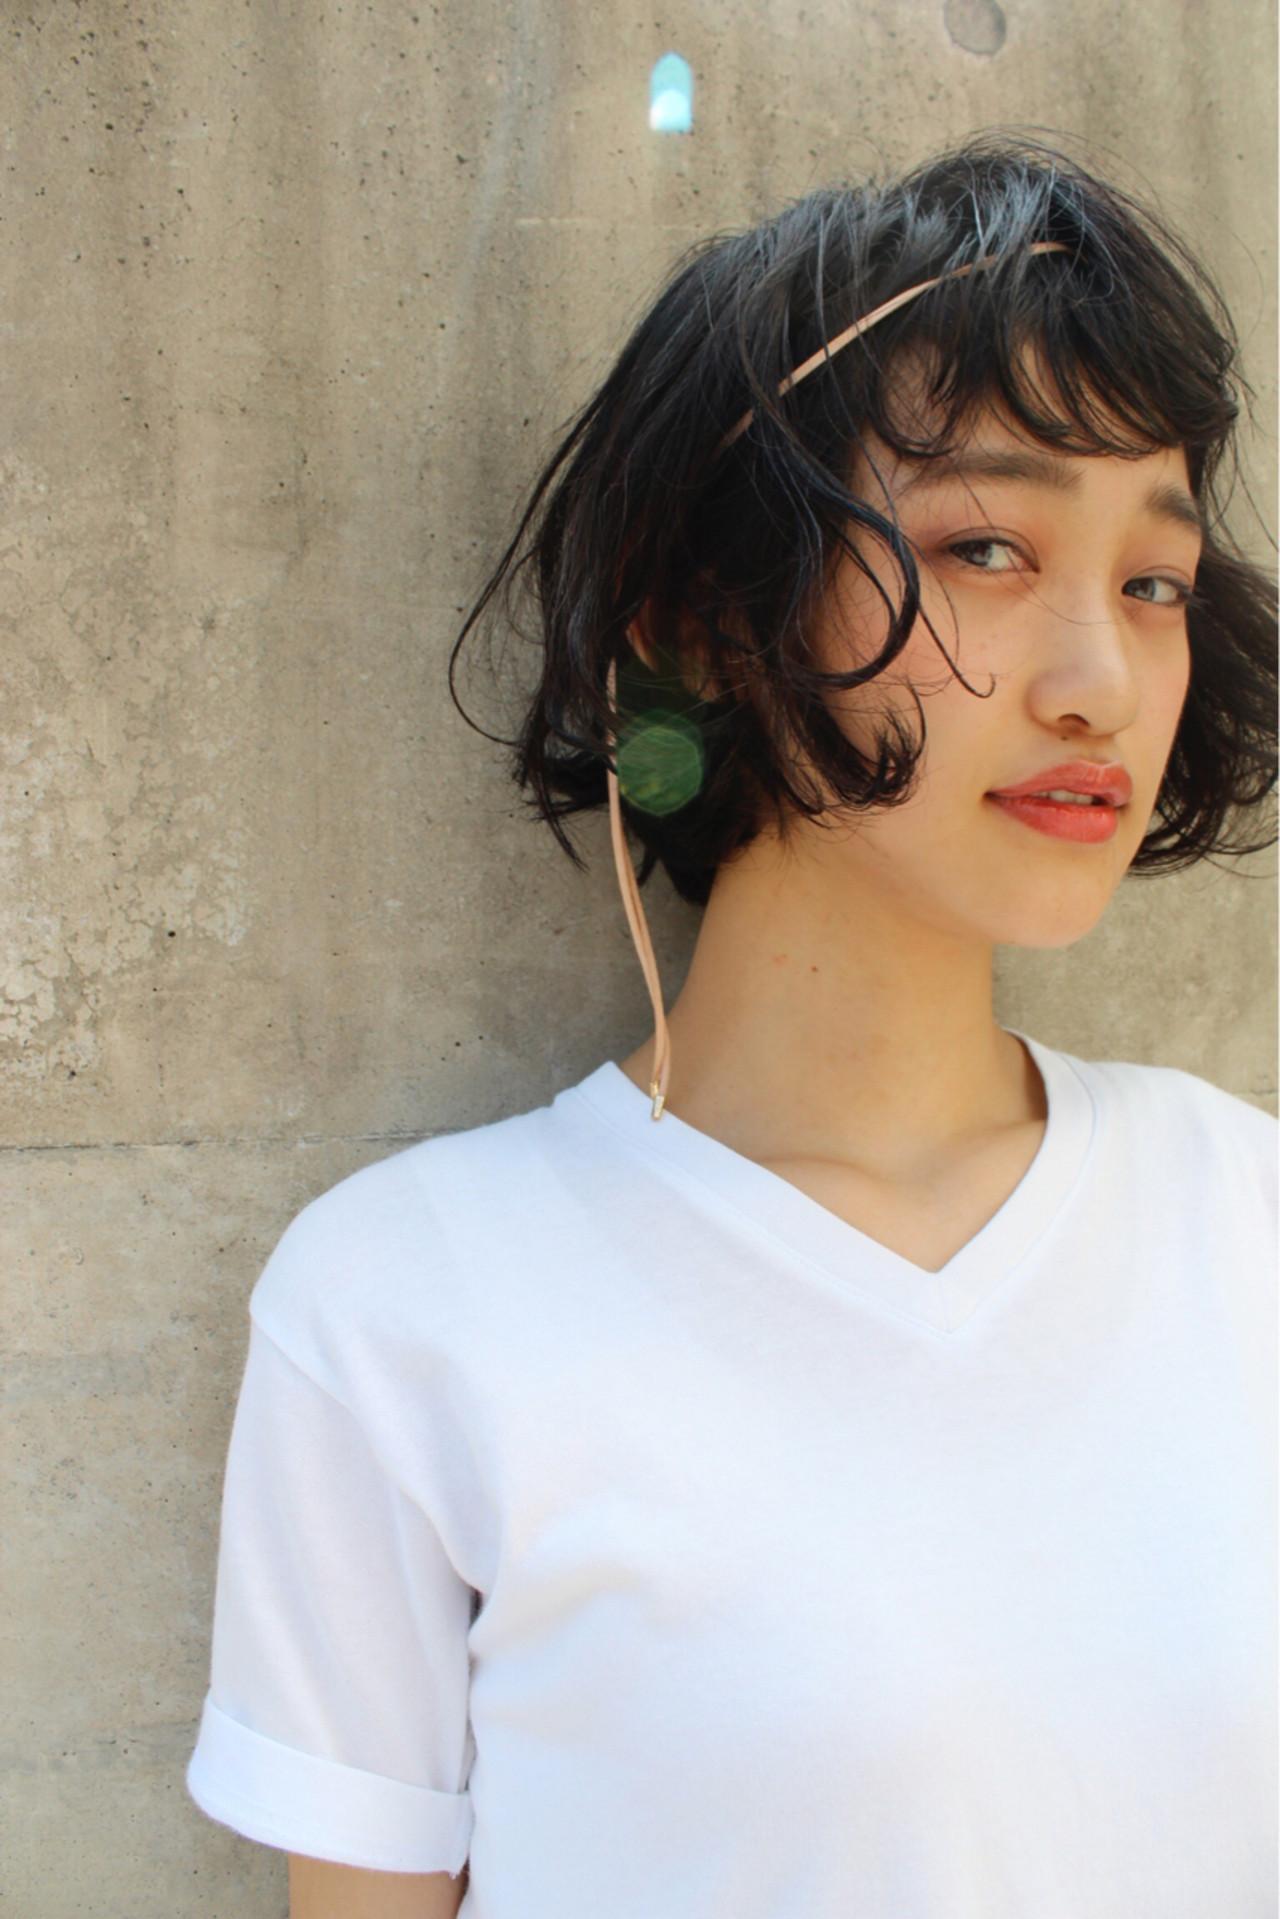 幼いなんて言わせない!丸顔さんに似合うショートボブとは 永井 美菜子 bibito